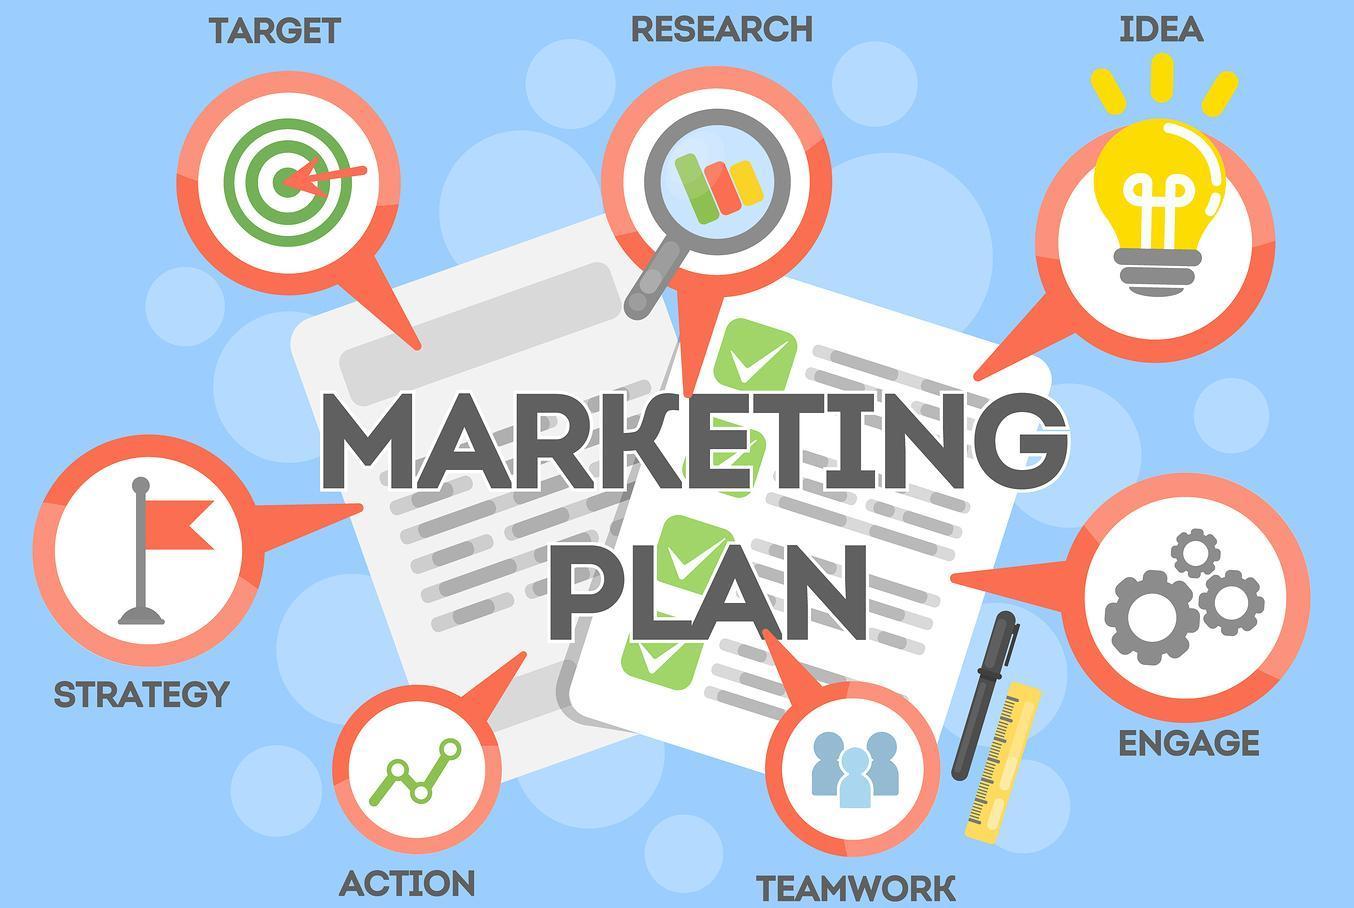 Lập kế hoạch Marketing như thế nào để đạt hiệu quả?   SEMTEK